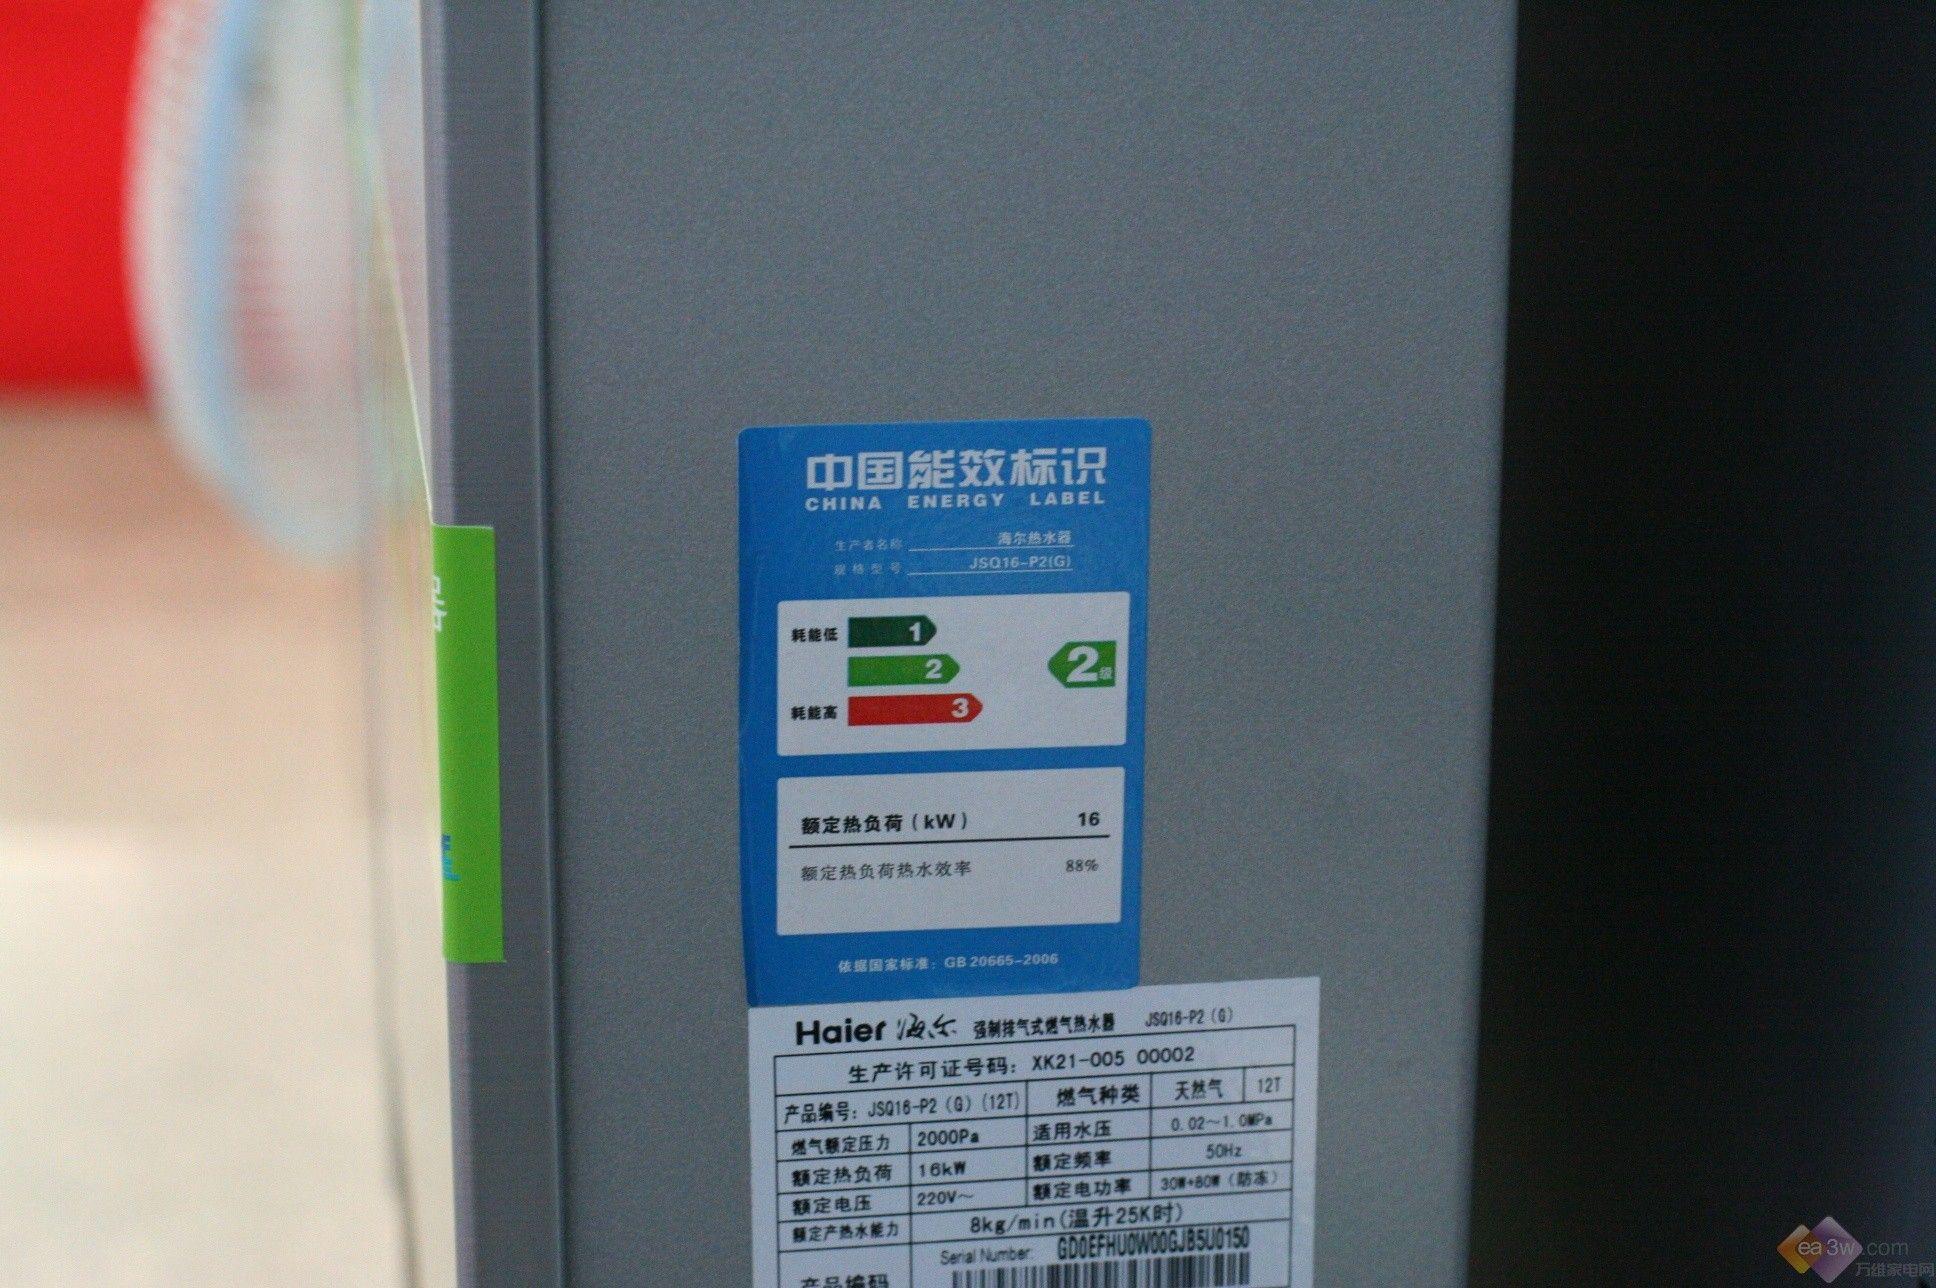 目前来看,由于燃气热水器安全性普遍得到了提升,因此越来越多的人开始将燃气热水器列为浴室中热水器的首选,燃气热水器不仅占用空间小,外形简约美观,而且热水出水速度快。海尔JSQ20-P2燃气热水器就是一个不错的选择,智能防冻功能尤为适合住在北方寒冷地带的用户的选购。  海尔JSQ20-P2燃气热水器  侧面展示   编辑总结:海尔此款燃气热水器特性归结如下: 1、智能精确恒温技术,采用行业最先进的双电子控制比例阀,使出水温度浮动偏差不超过1 ,解决了水温忽冷忽热的问题。 2、蓝火苗专利安全技术,确保燃烧充分